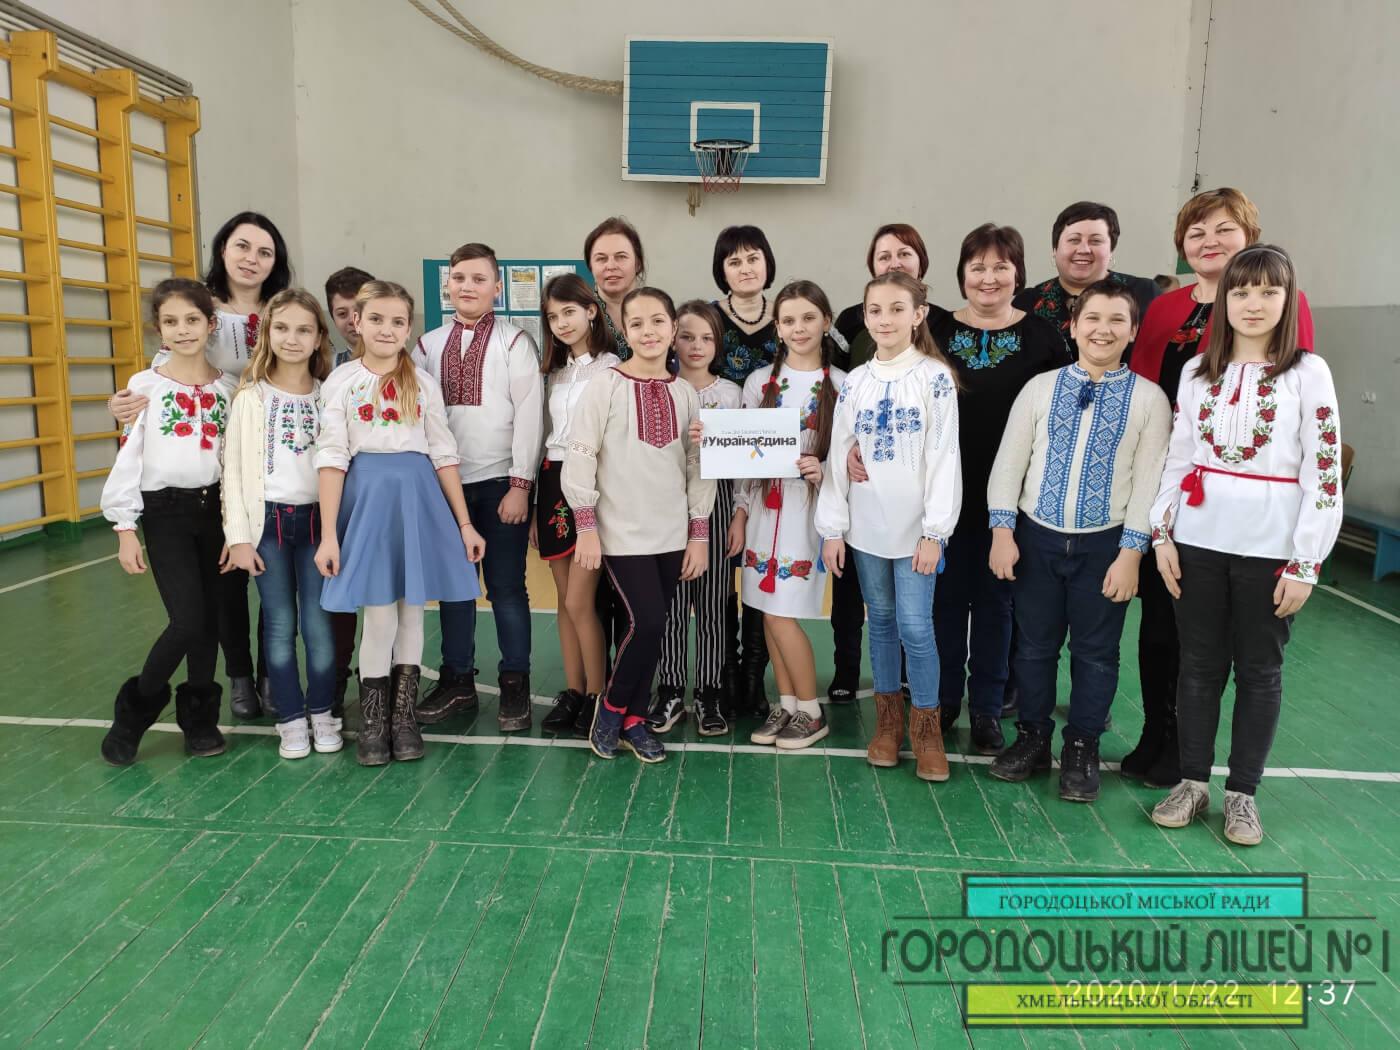 IMG 20200122 123754 1 - День Соборності України